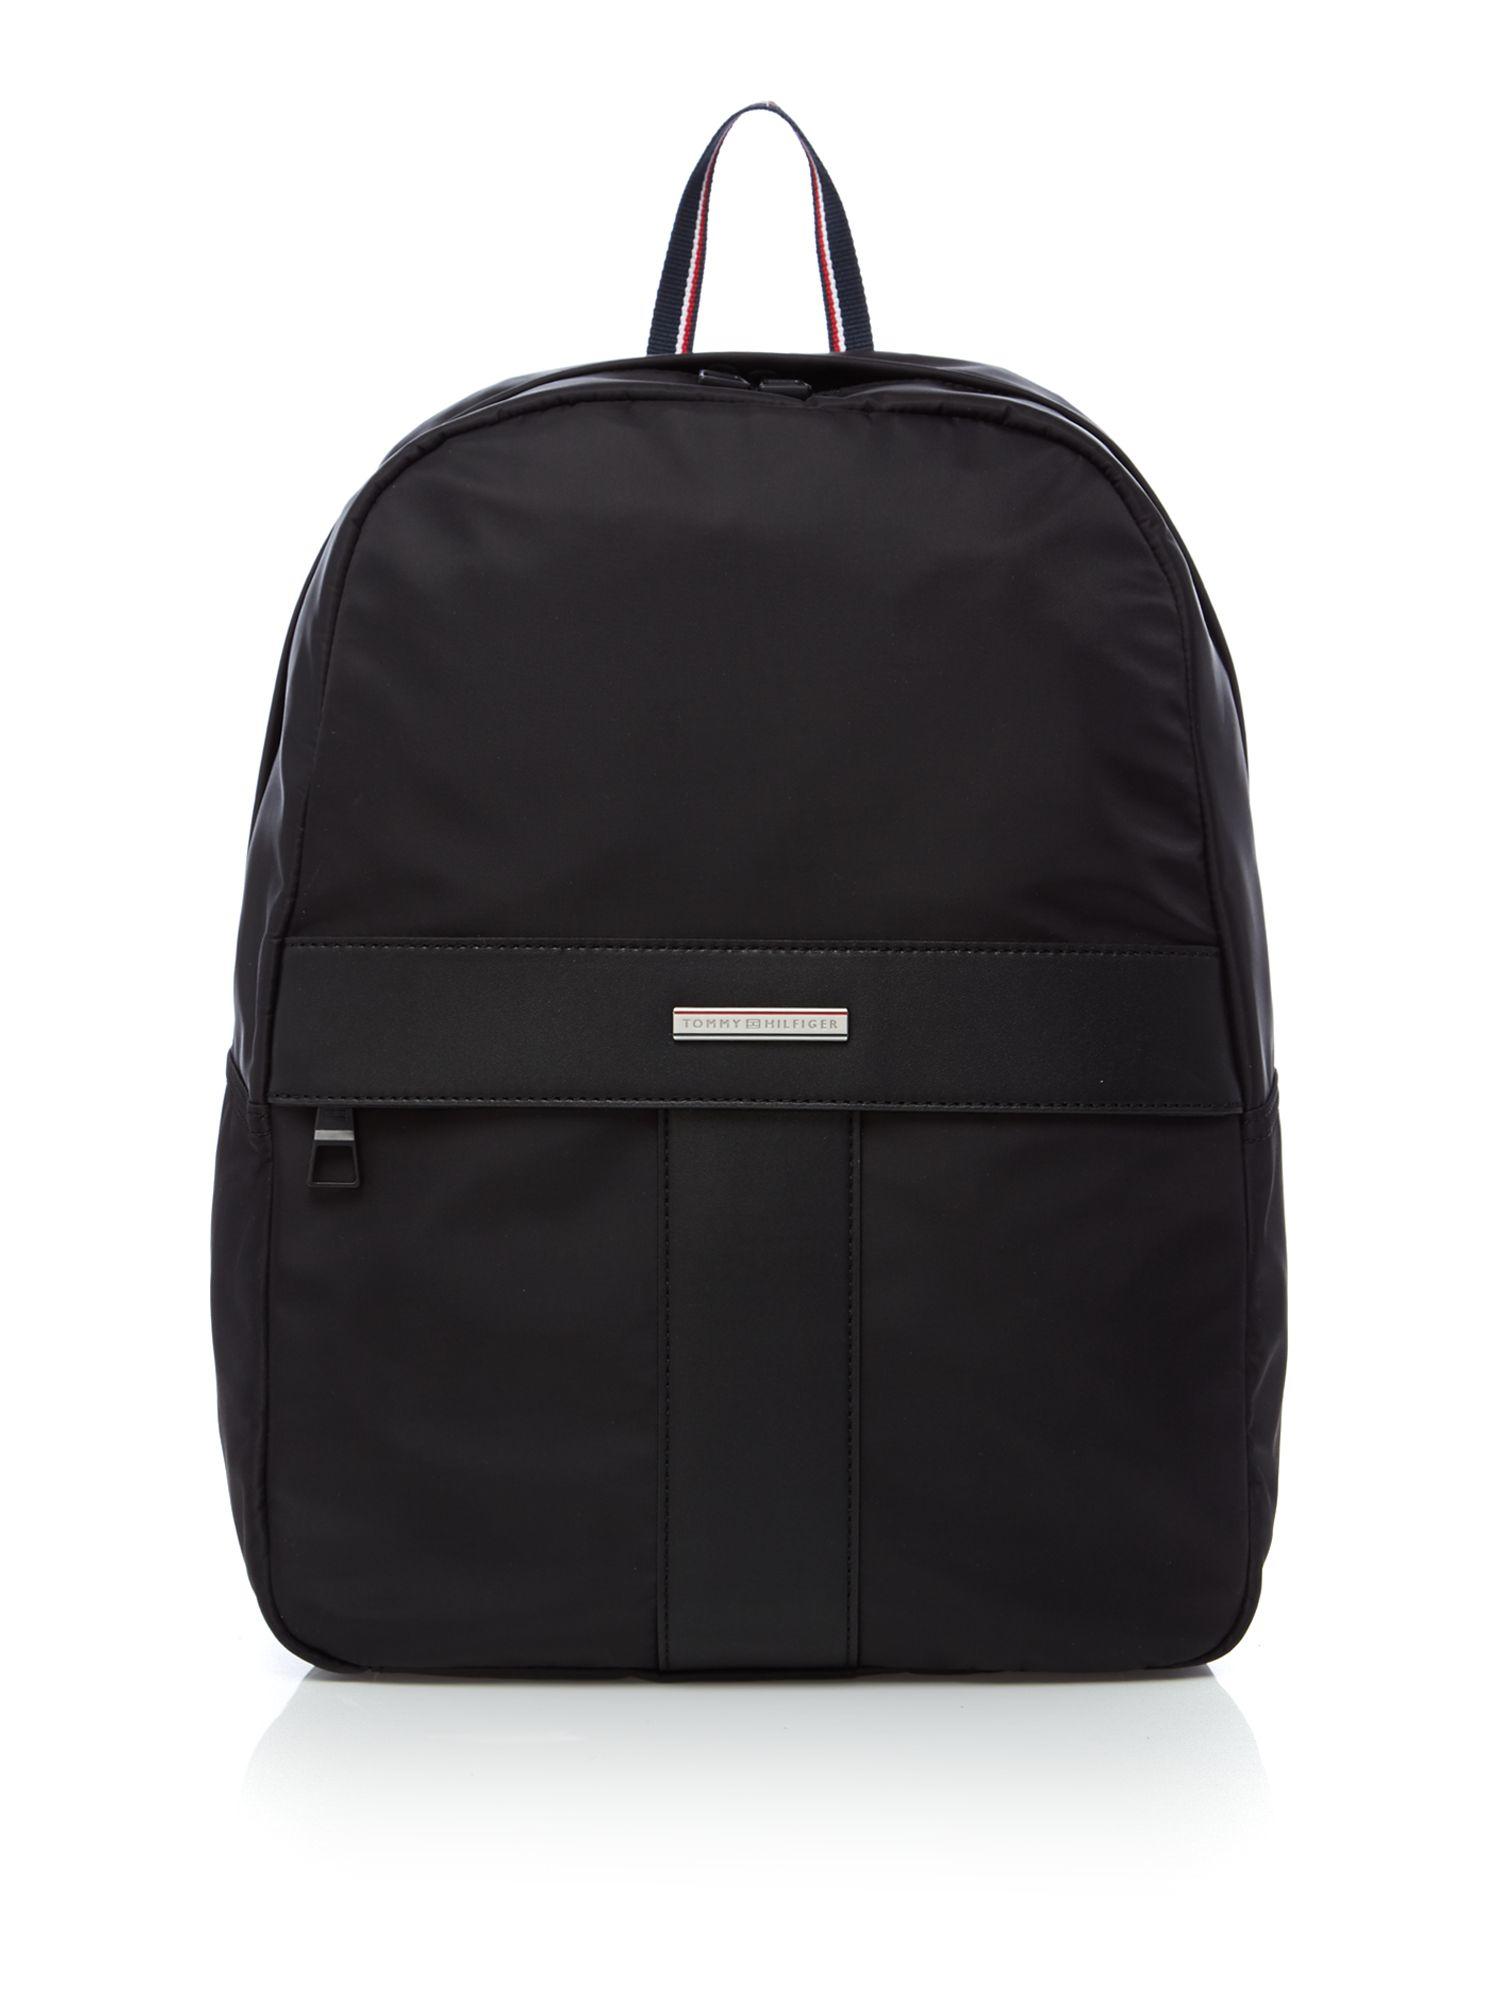 tommy hilfiger the story backpack in black for men lyst. Black Bedroom Furniture Sets. Home Design Ideas